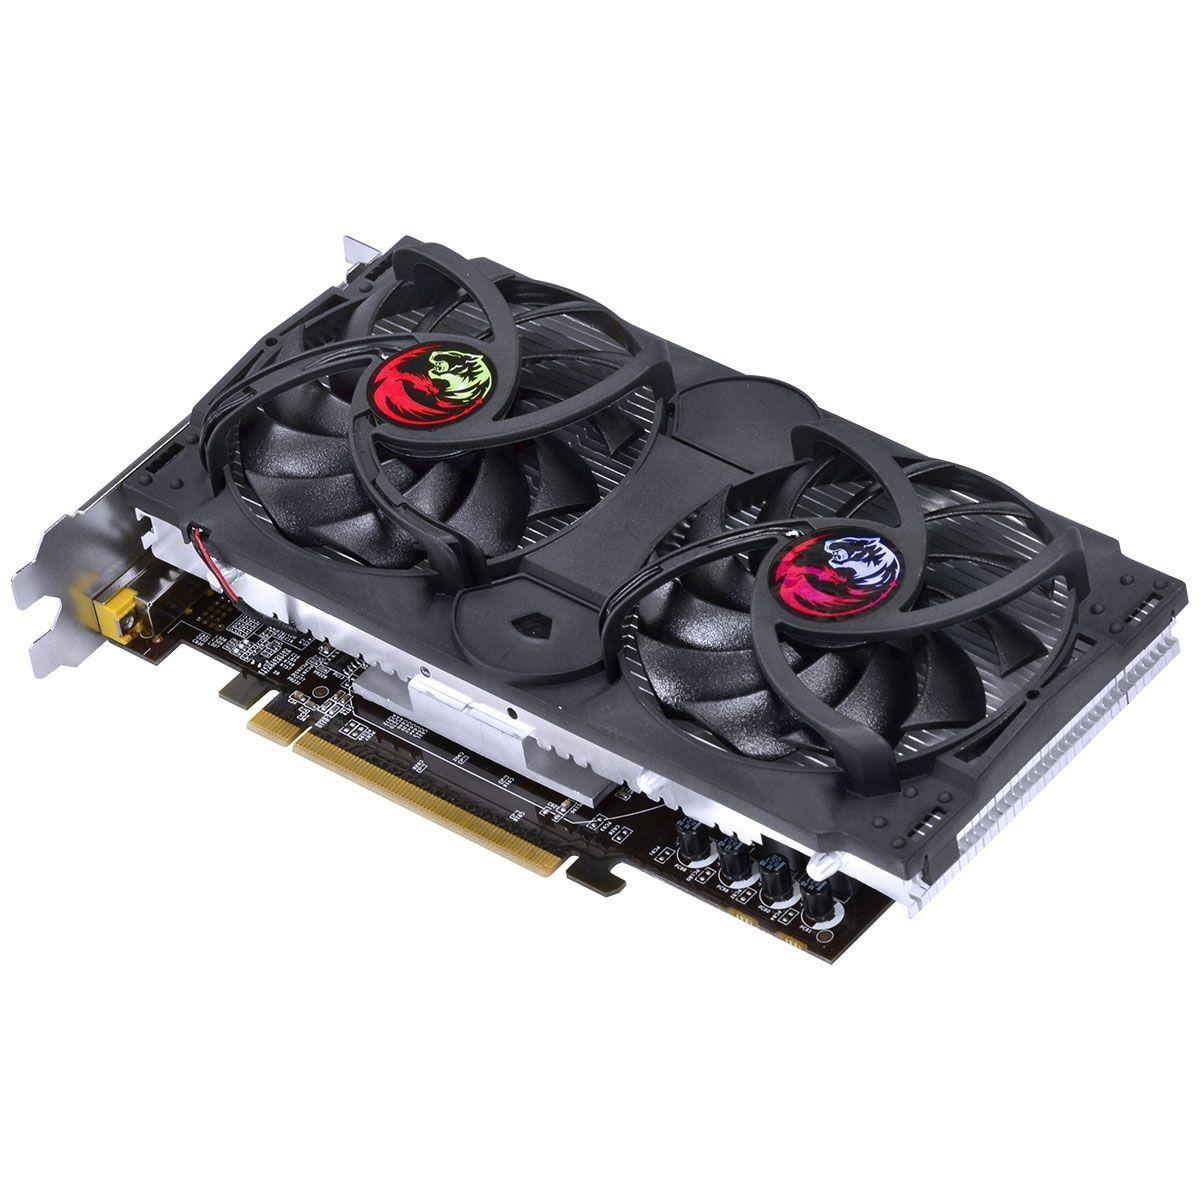 Placa de Vídeo Geforce Nvidia Gtx 550 Ti 1GB GDDR5 192 Bits Dual-Fan